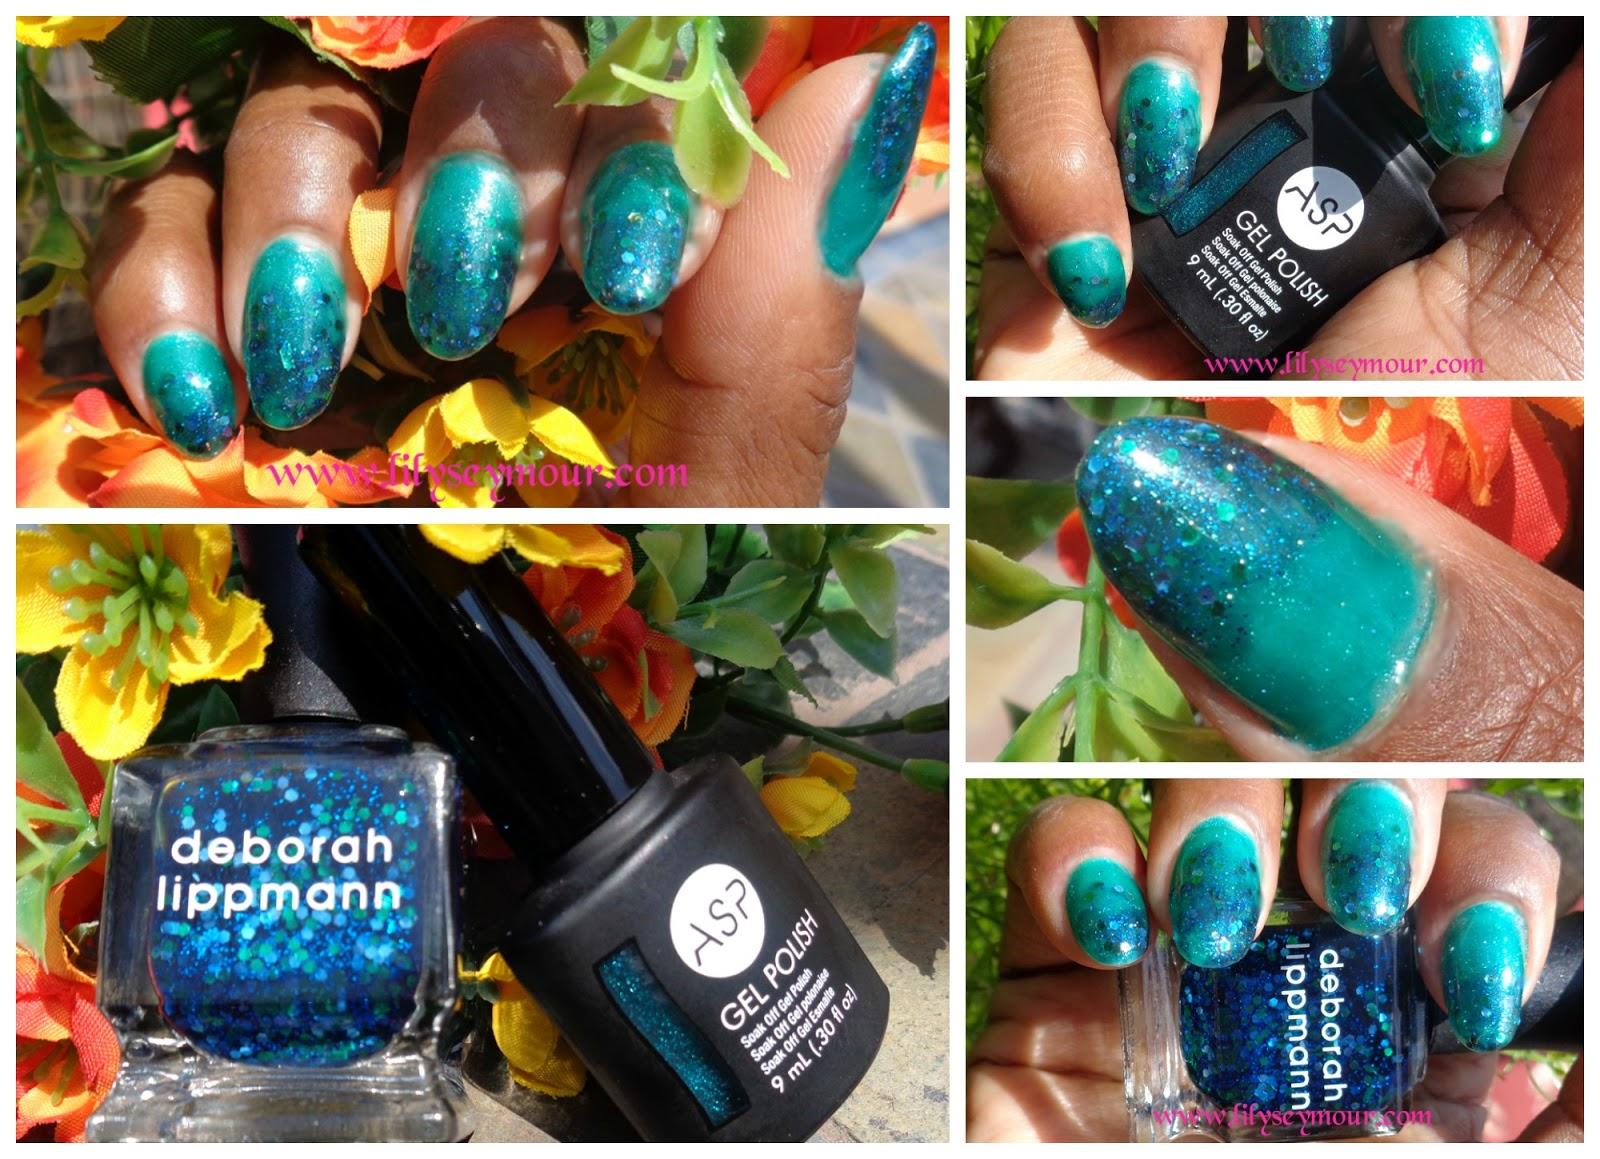 Fun Fierce Fabulous Beauty Over 50!: Nails   Deborah Lippmann Across ...